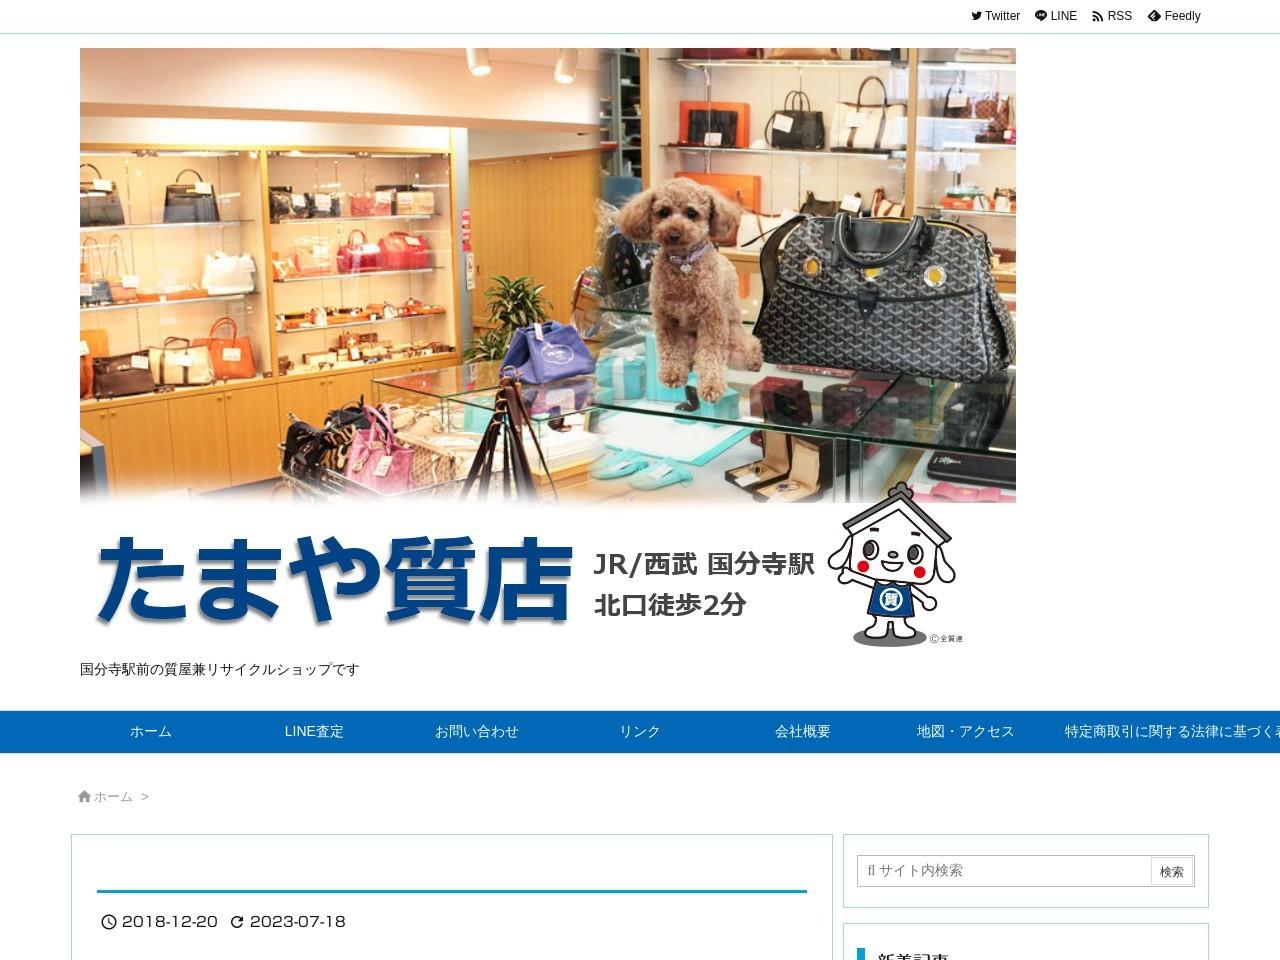 買取ます!東京・国分寺駅前のリサイクルショップを兼ねた質屋、たまや質店です。新品も中古もお任せ!